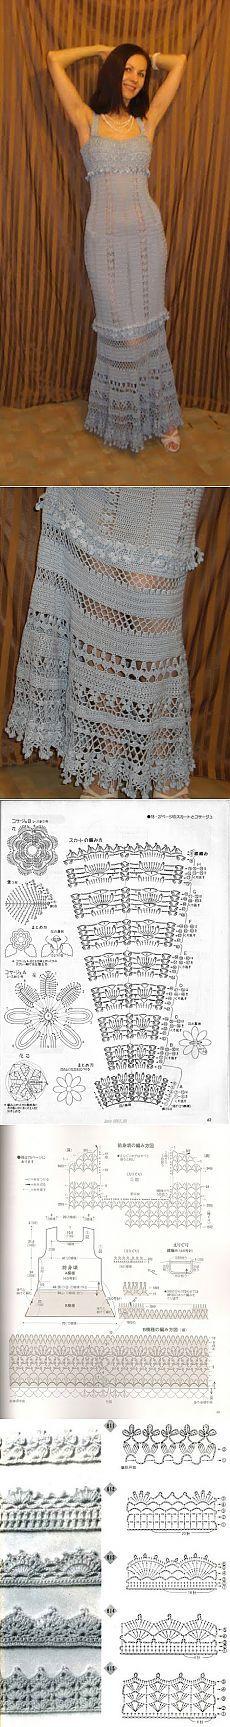 Красивейшее ажурное платье крючком с подробнейшим описанием. Пошаговые фото.